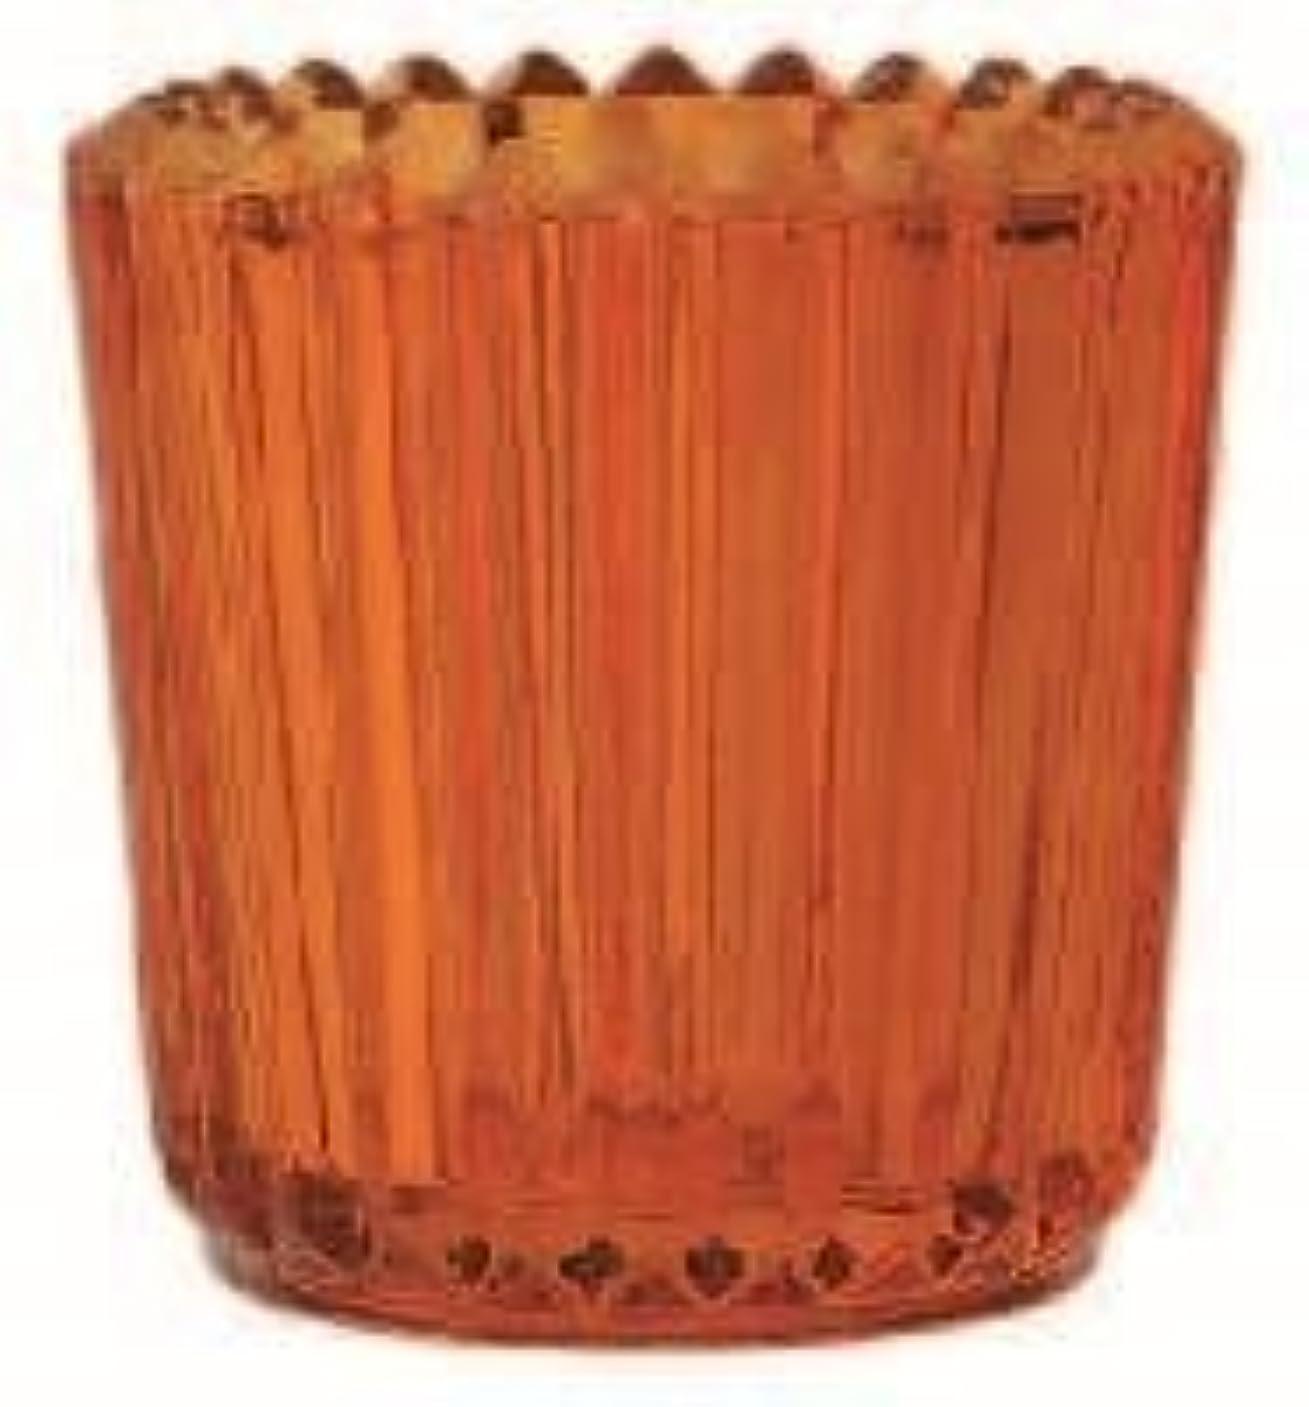 疑問を超えて喪グリースkameyama candle(カメヤマキャンドル) ソレイユ 「 オレンジ 」(J5120000OR)